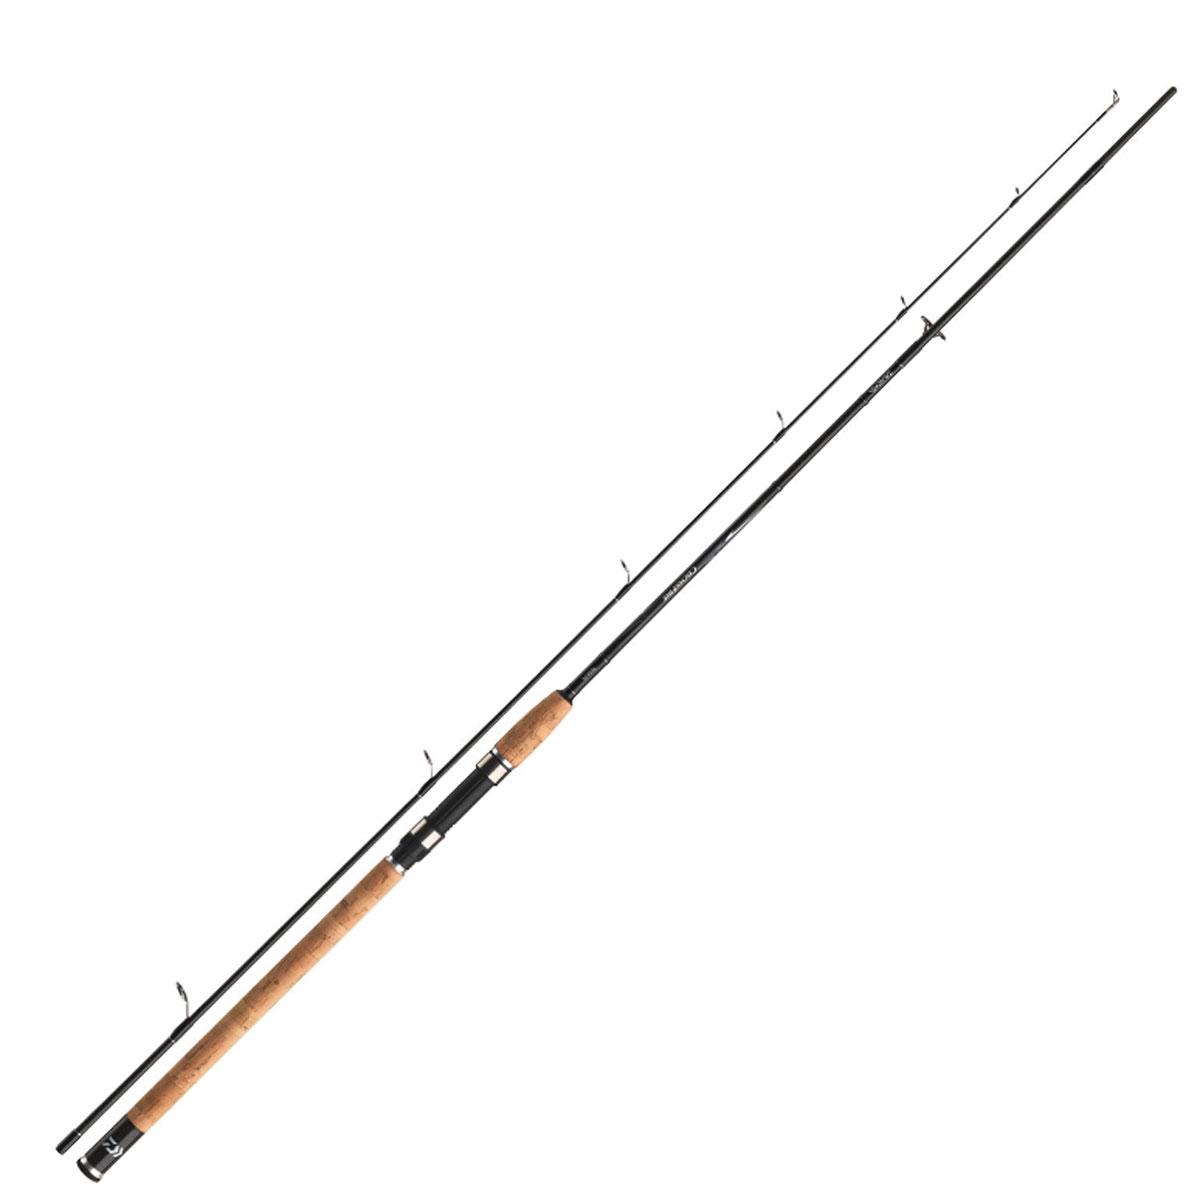 Спиннинг штекерный Daiwa Crossfire CF802MFS-AD 2,40м (15-40г)54163Серия Crossfire убедительна во всех своих характеристиках. Широкая линейка продукции с различными тестами и длиной дает возможность выбрать спиннинг для любых техник ловли. Crossfire идеально сбалансирован и, благодаря своему жесткому строю (начиная от теста 40г), прекрасно подходит для ловли на мягкие приманки. Спиннинги с тестом менее 40г не такие жесткие, поэтому хорошо подходят для ловли на блесны и т.д. Бланки премиум качества из плетеного графитового волокна демонстрируют великолепное соотношение цены и качества. Проверьте сами! Оснащены кольцами из оксида титана, пробковой рукояткой, чувствительным бланком из графитового волокна. Поставляется в транспортировочном тубусе.